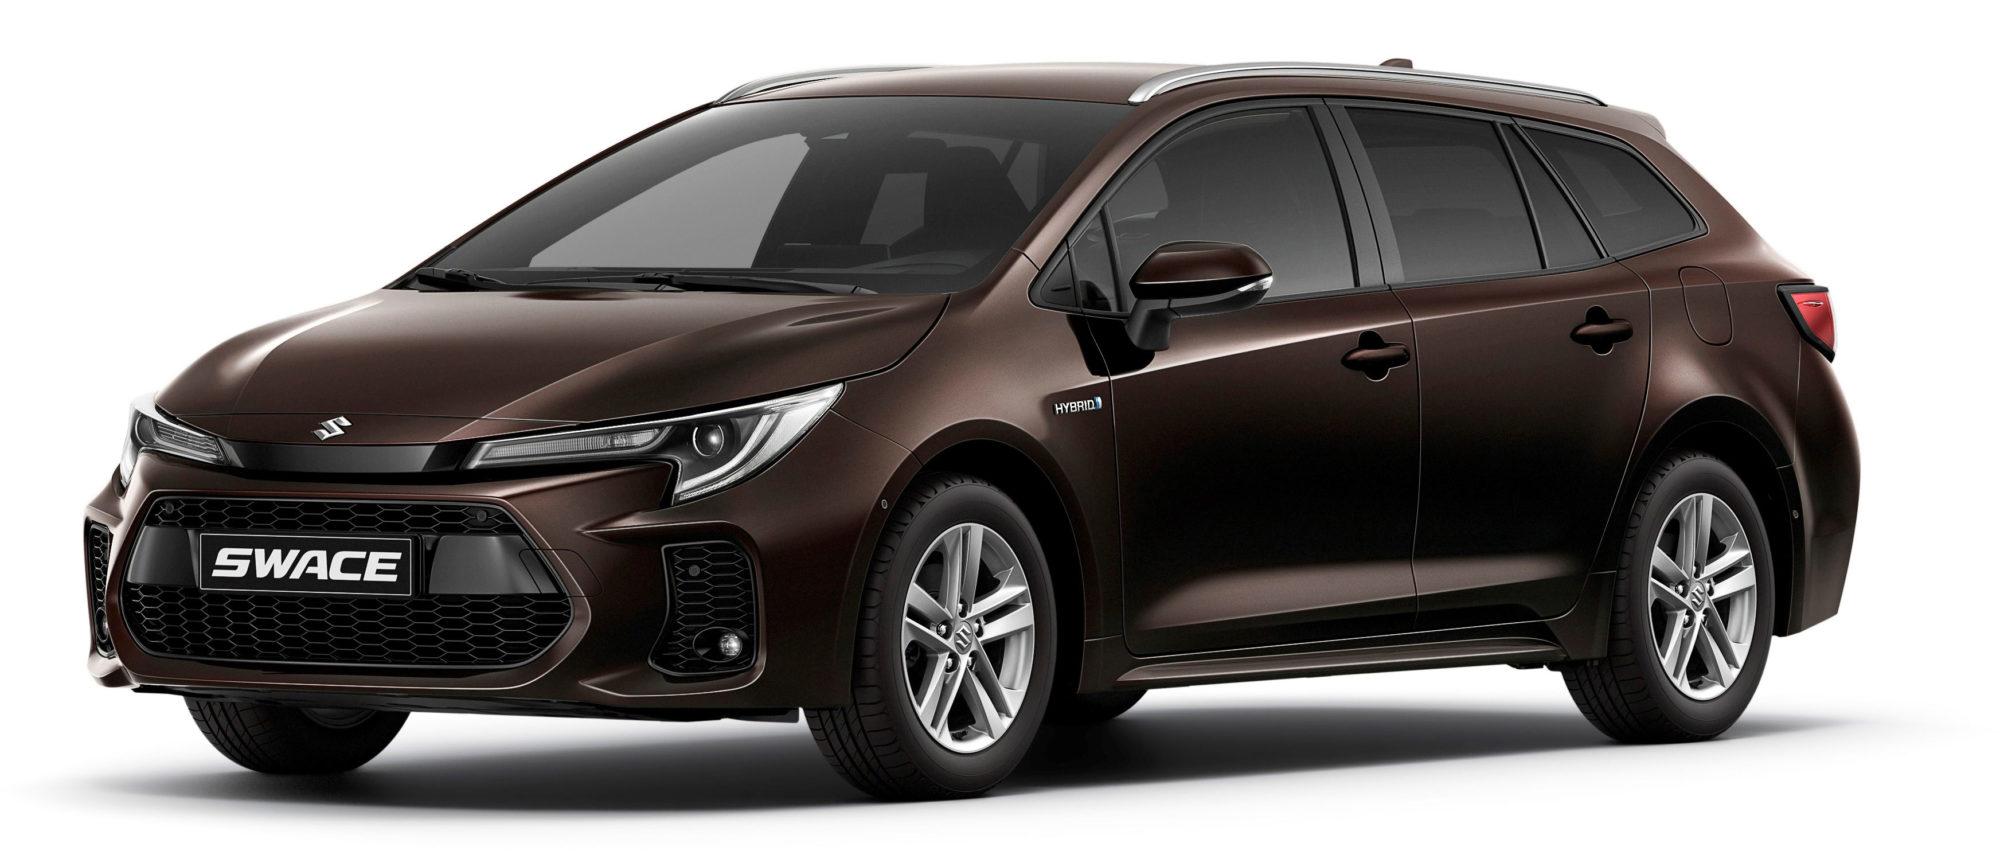 Suzuki Swace 2020 - Phantom Brown Metallic